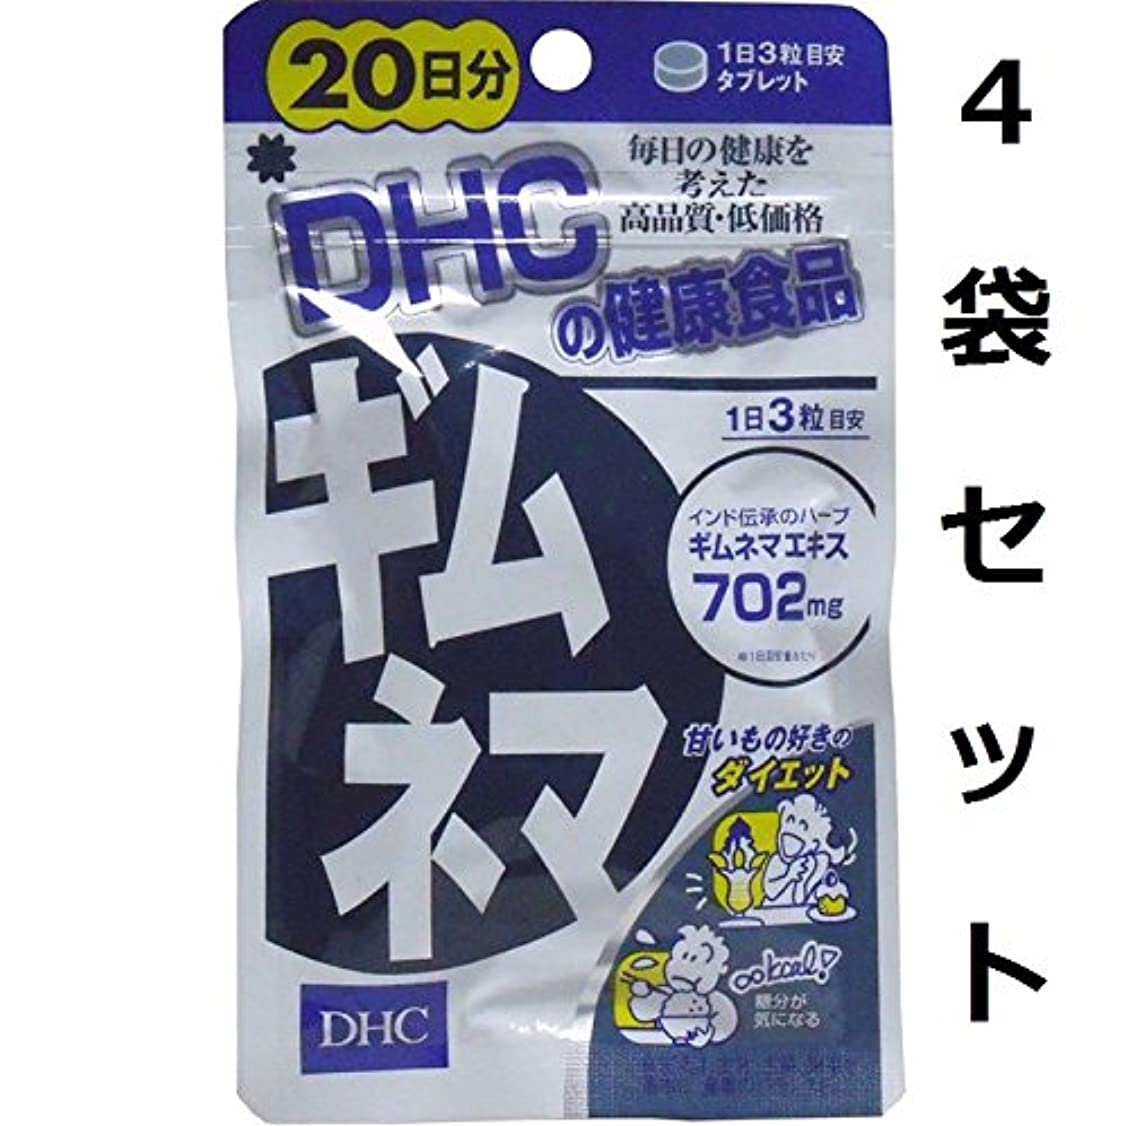 予測巡礼者中毒我慢せずに余分な糖分をブロック DHC ギムネマ 20日分 60粒 4袋セット